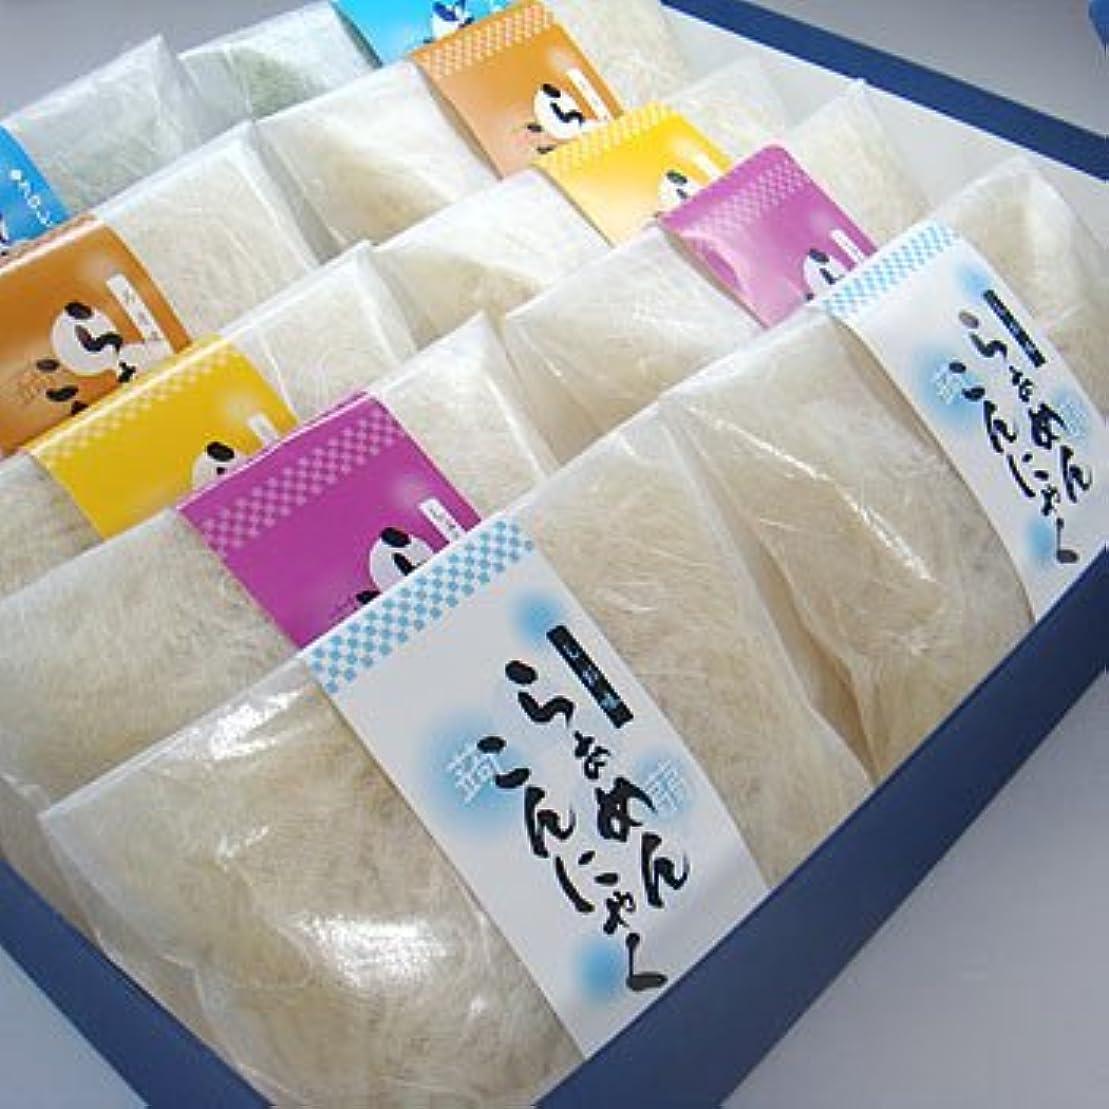 舌飢スピーチギフト箱入こんにゃくラーメン10食セット【お中元】【ギフト】【ダイエット】【蒟蒻麺】